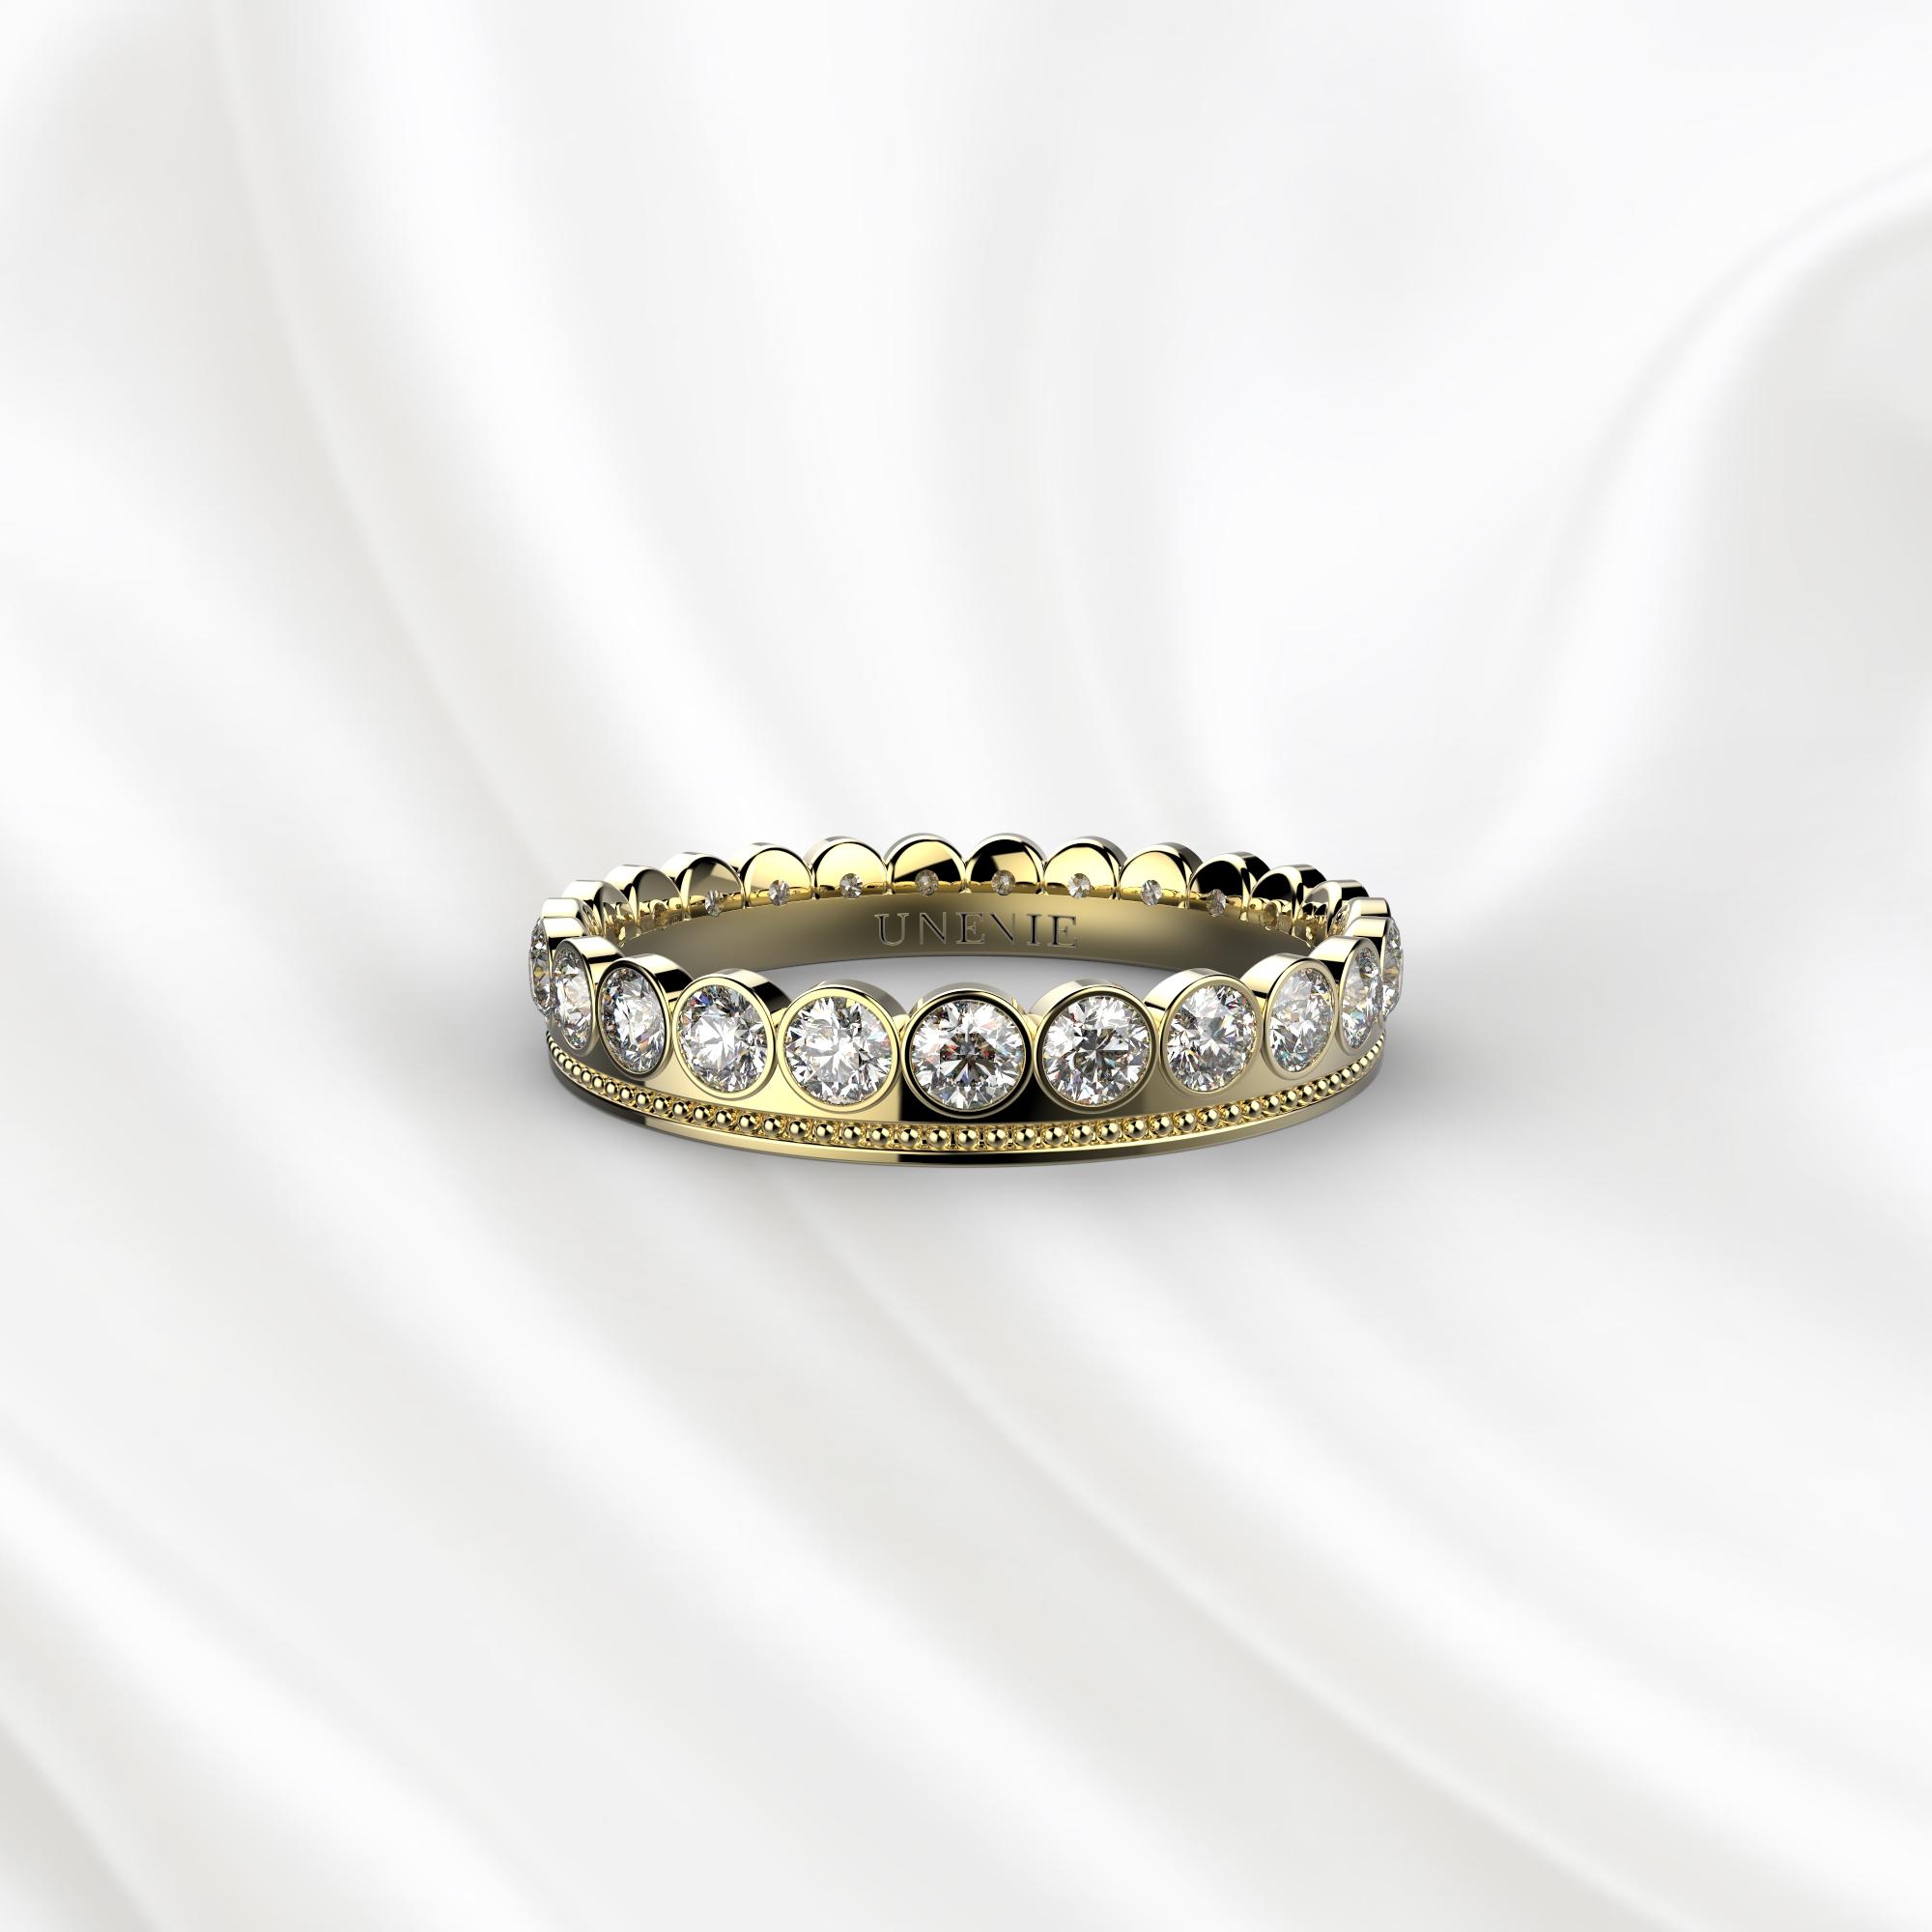 E15 Обручальное кольцо из желтого золота с 23 бриллиантами